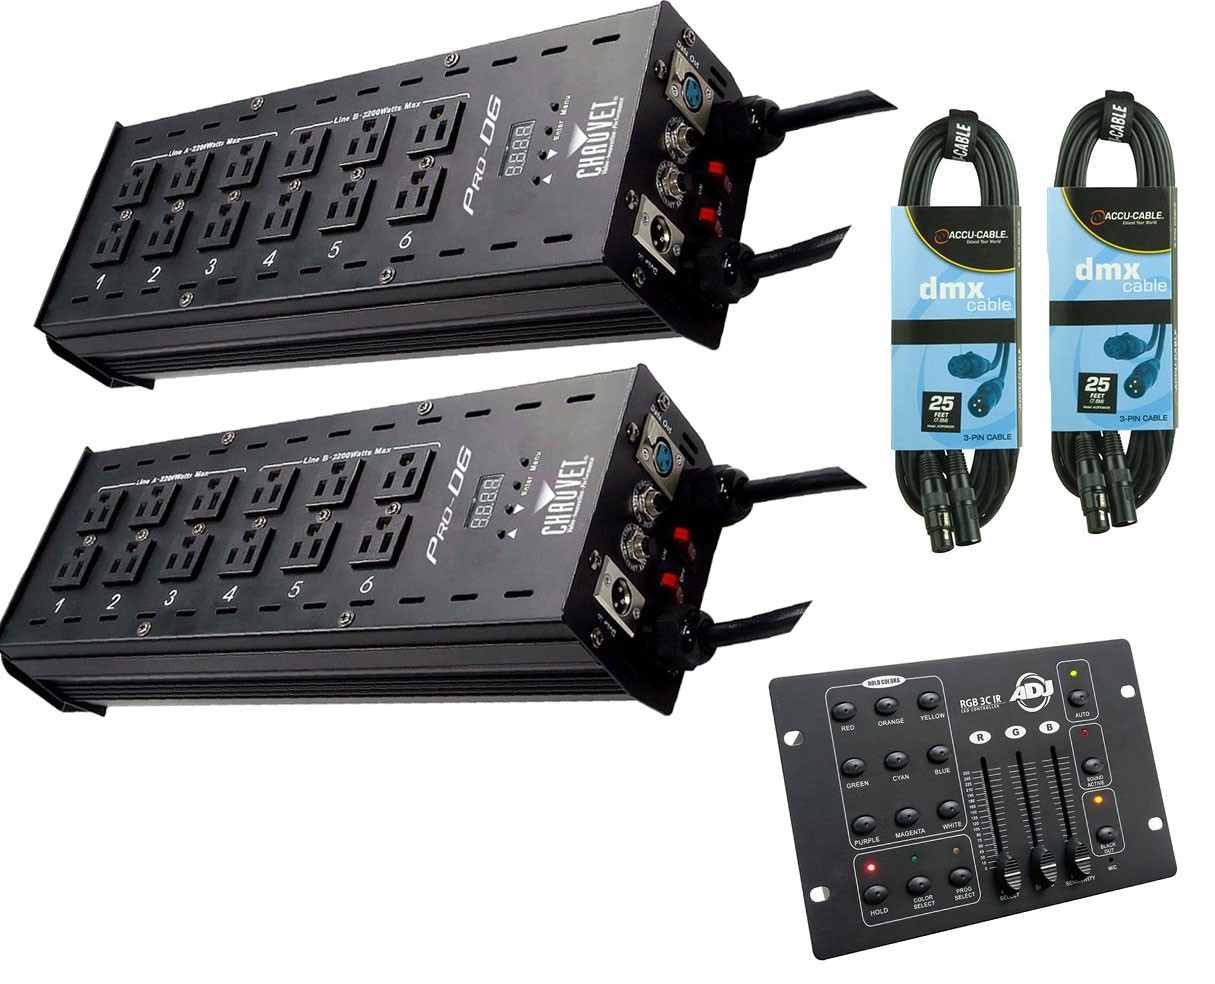 2x CHAUVET DJ Pro-D6 + RGB3C IR + Cables